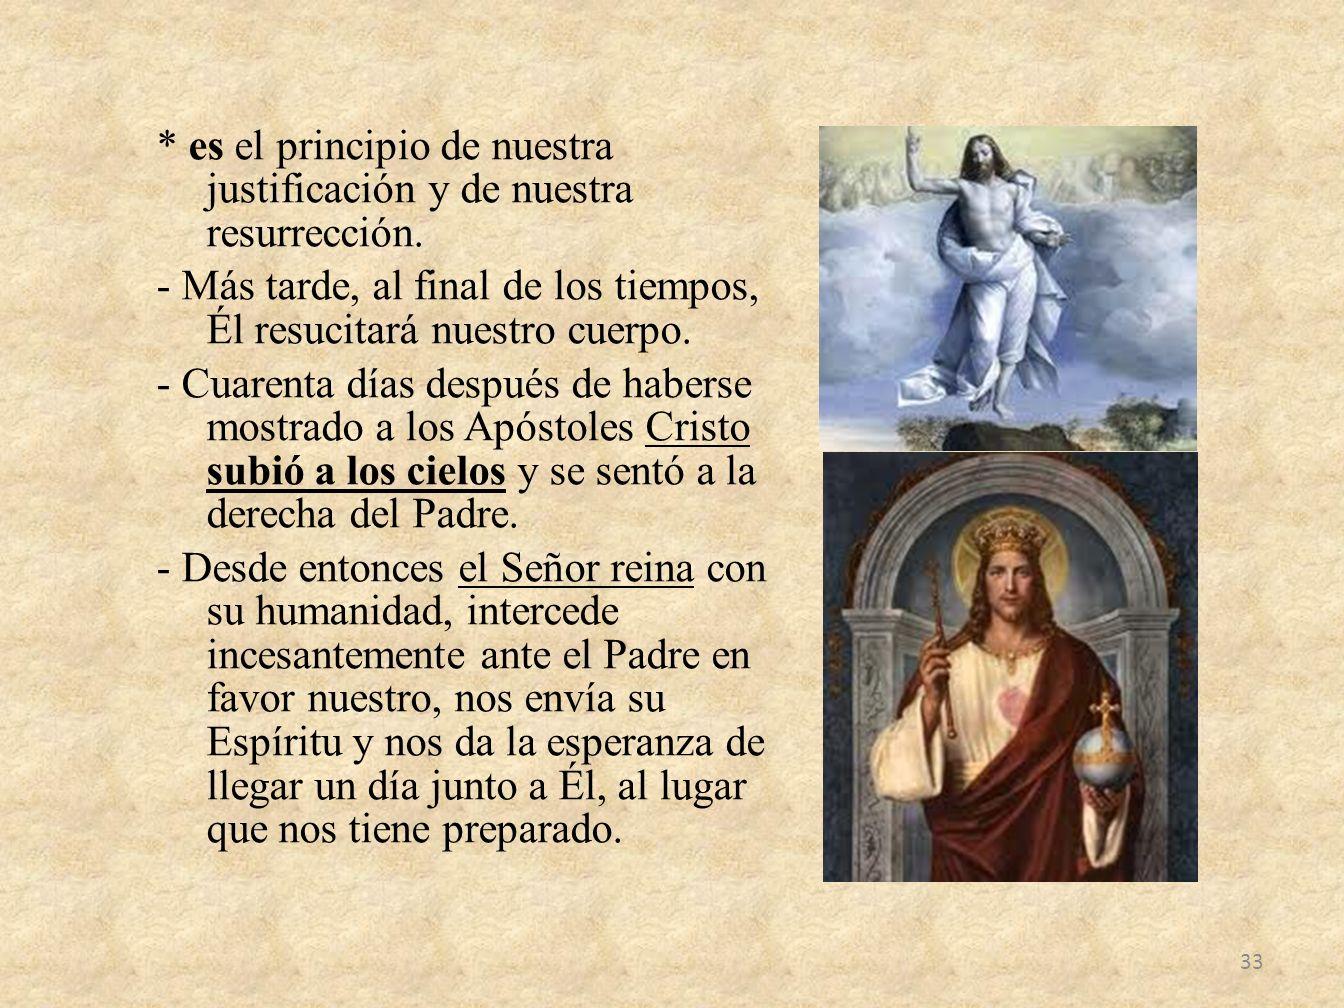 * es el principio de nuestra justificación y de nuestra resurrección. - Más tarde, al final de los tiempos, Él resucitará nuestro cuerpo. - Cuarenta d